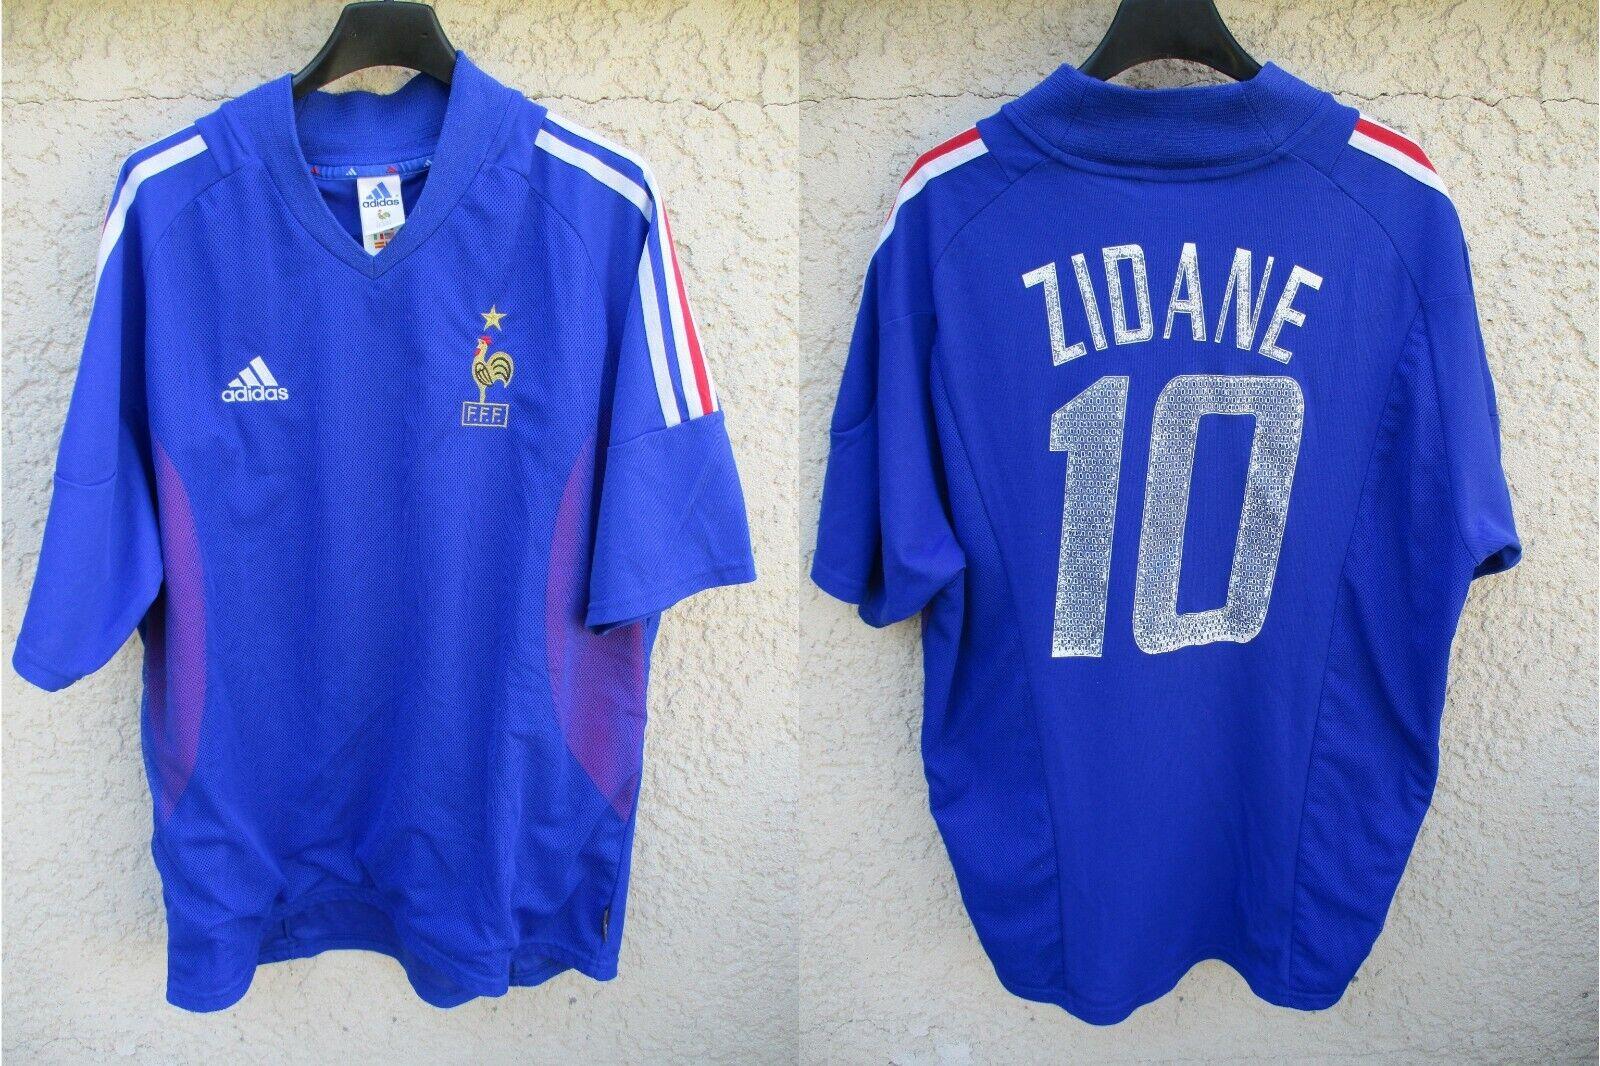 Maillot EQUIPE DE FRANCE World Cup 2002 ZIDANE 10 ADIDAS shirt jersey vintage XL